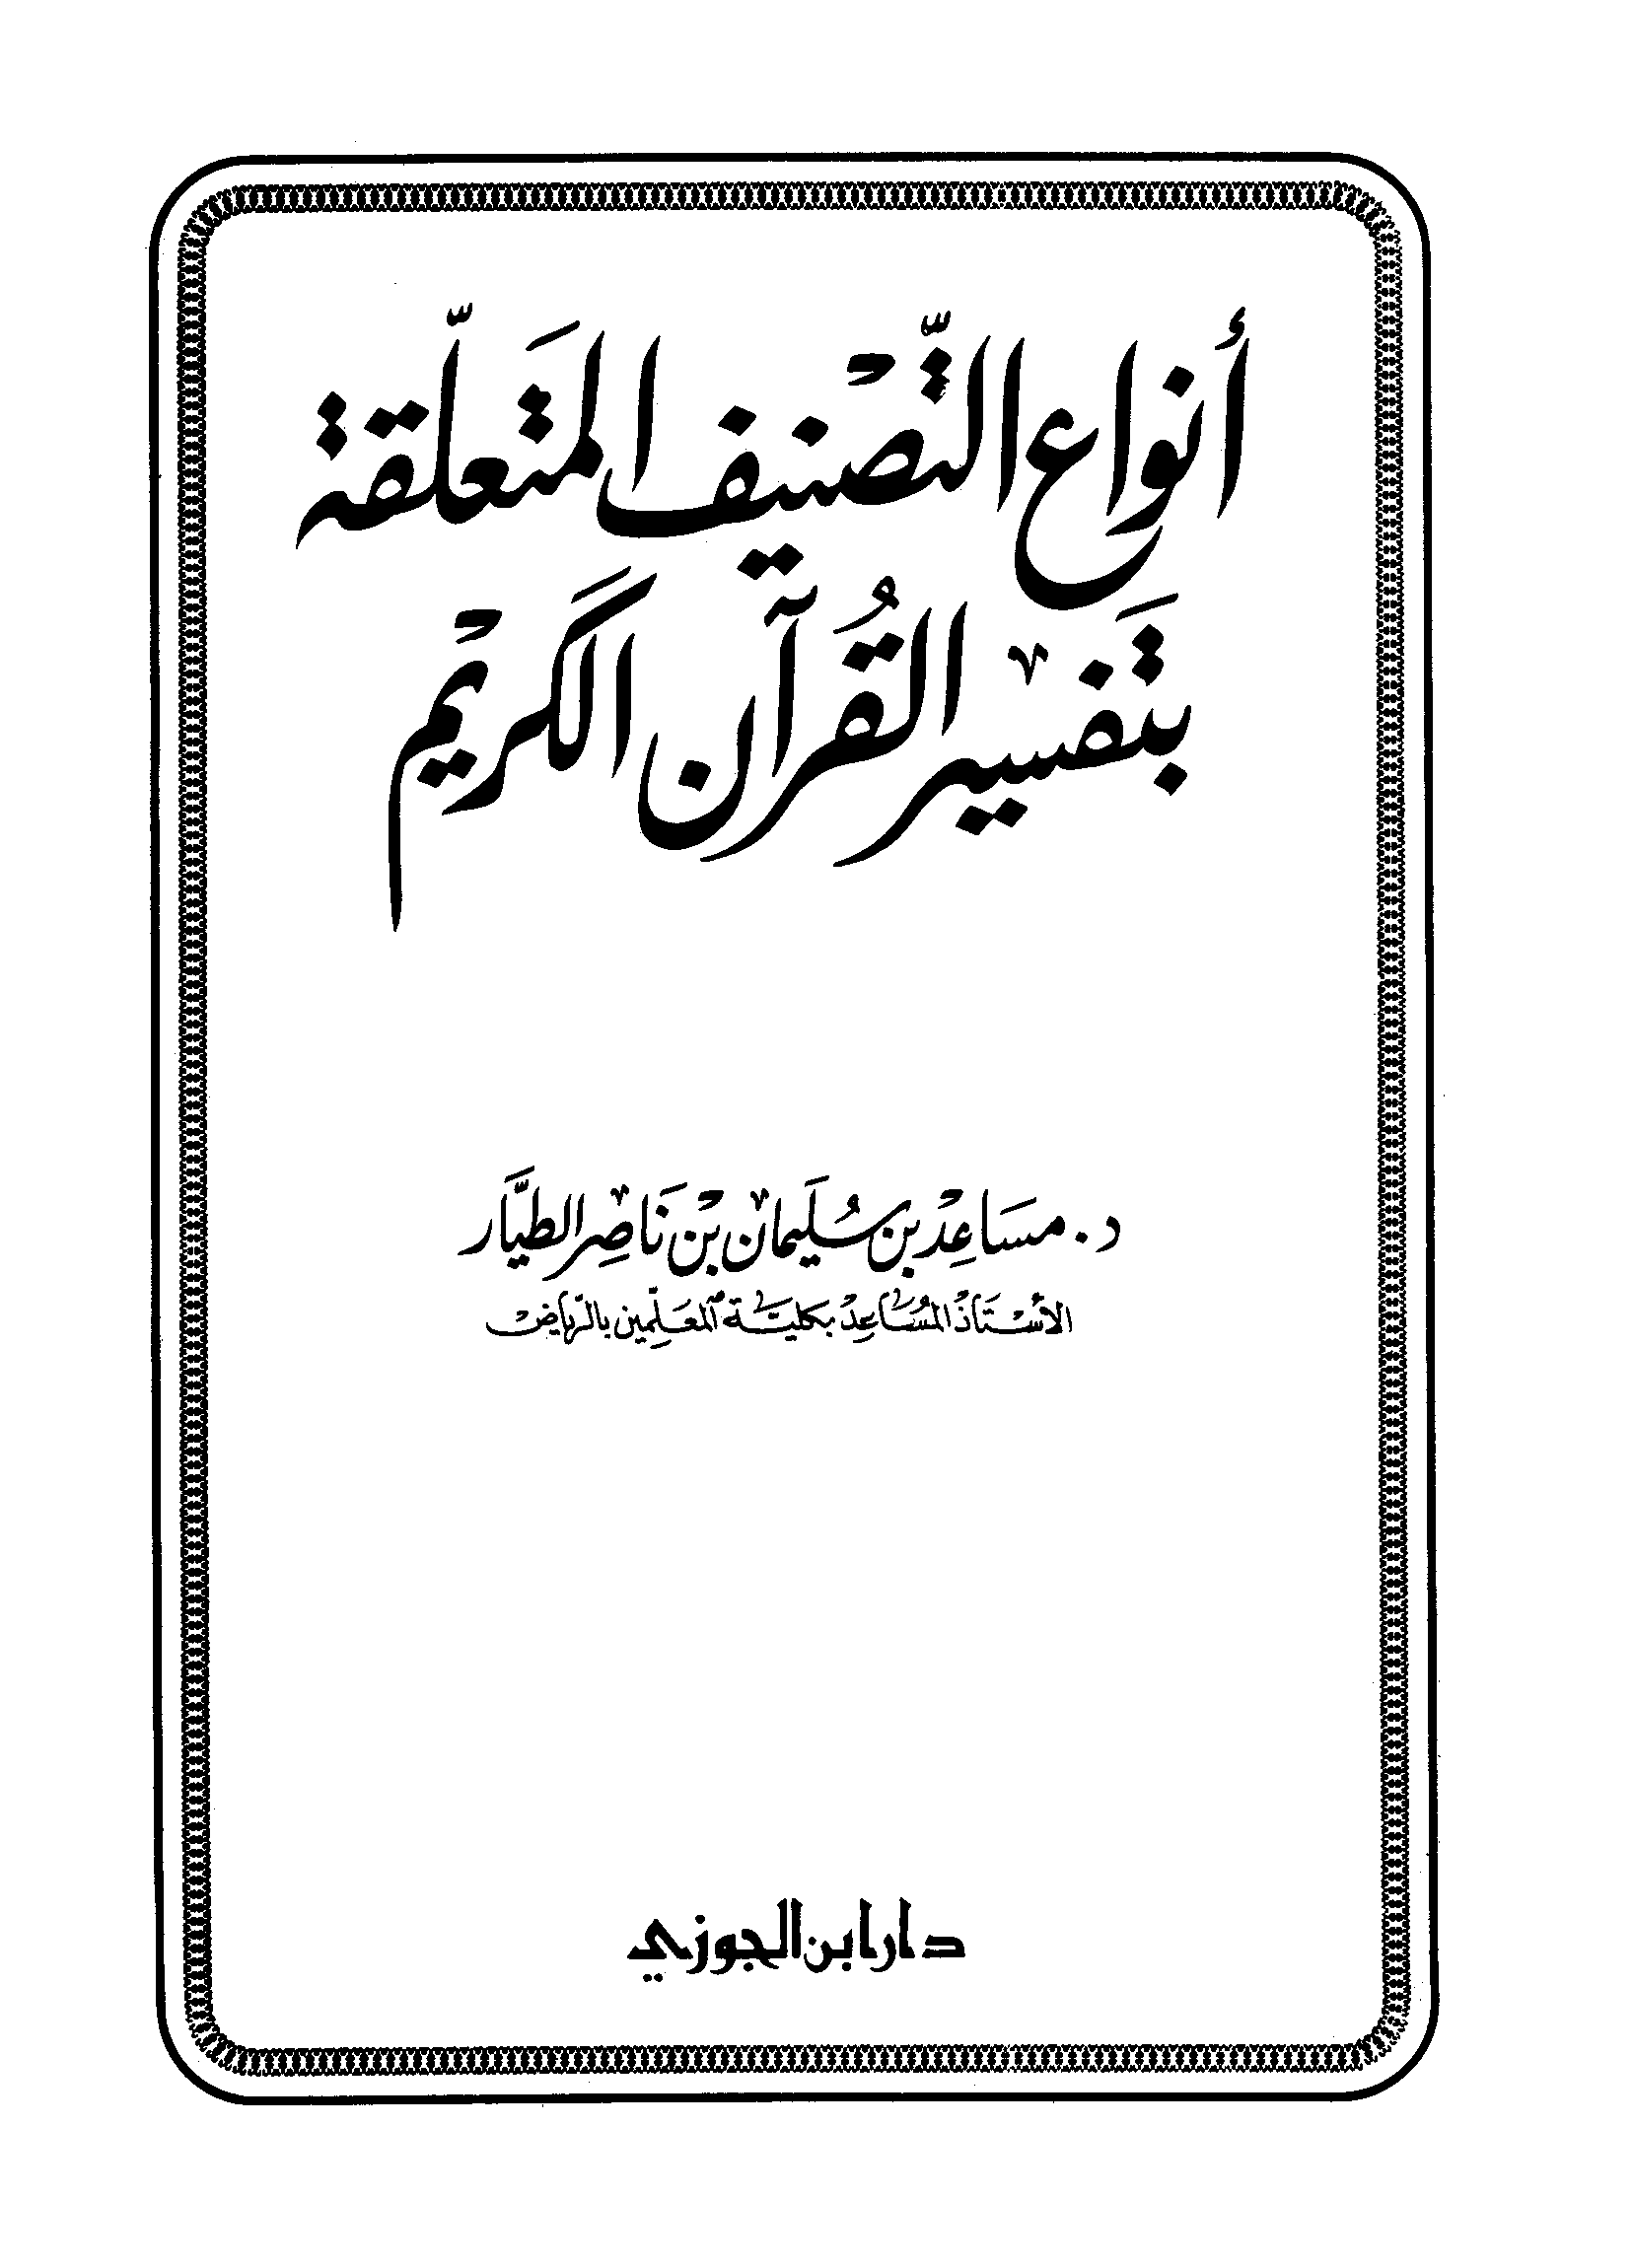 تحميل كتاب أنواع التصنيف المتعلقة بتفسير القرآن الكريم لـِ: الدكتور مساعد بن سليمان بن ناصر الطيار